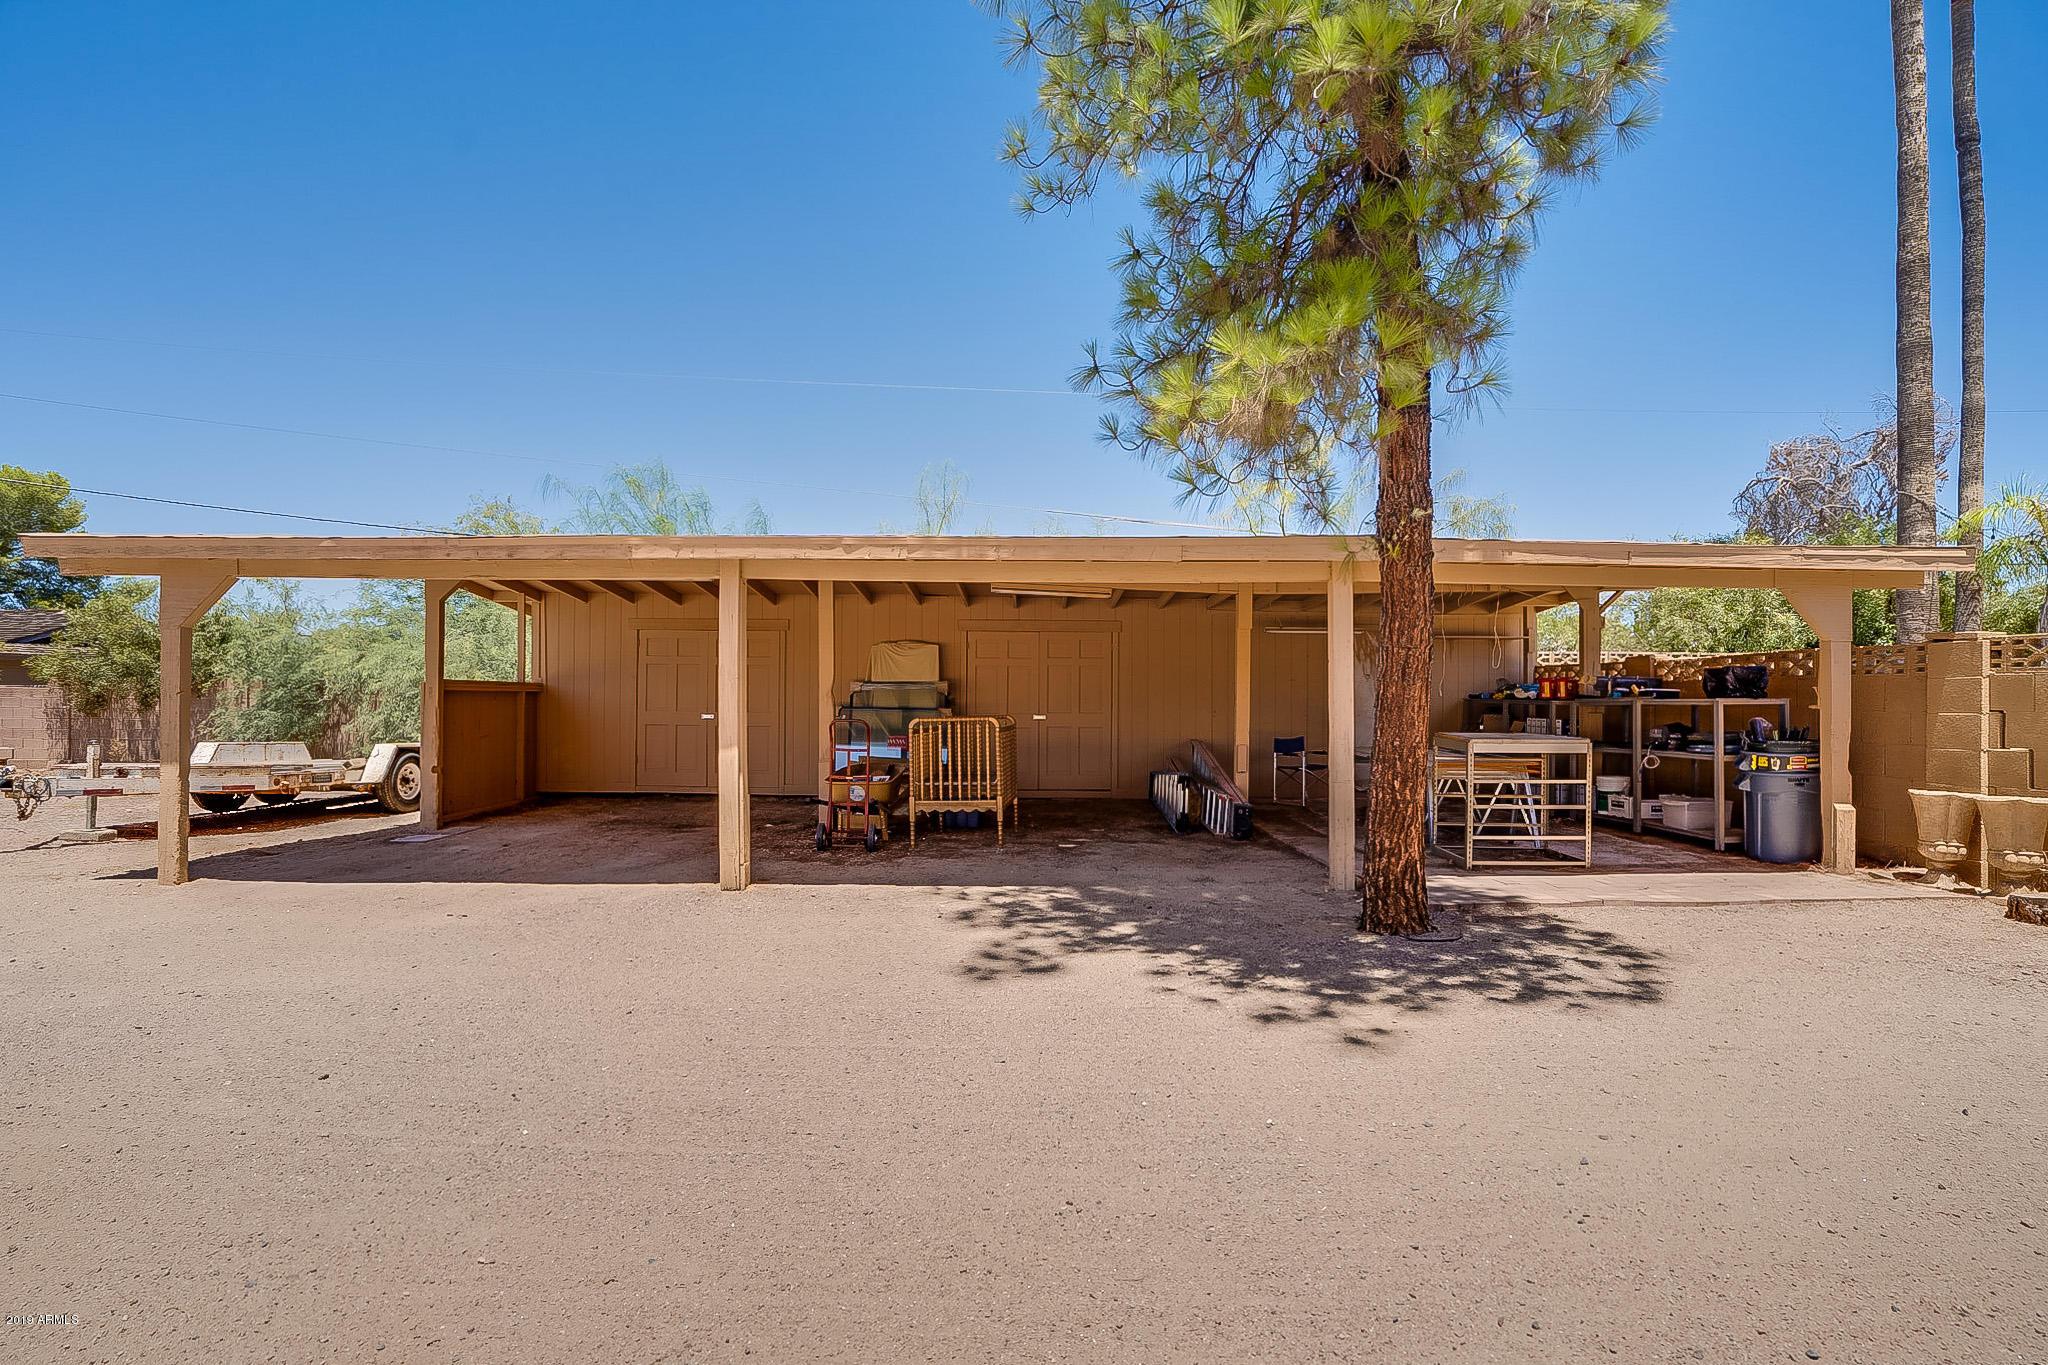 MLS 5951535 8124 E DESERT COVE Avenue, Scottsdale, AZ 85260 Scottsdale AZ Private Pool